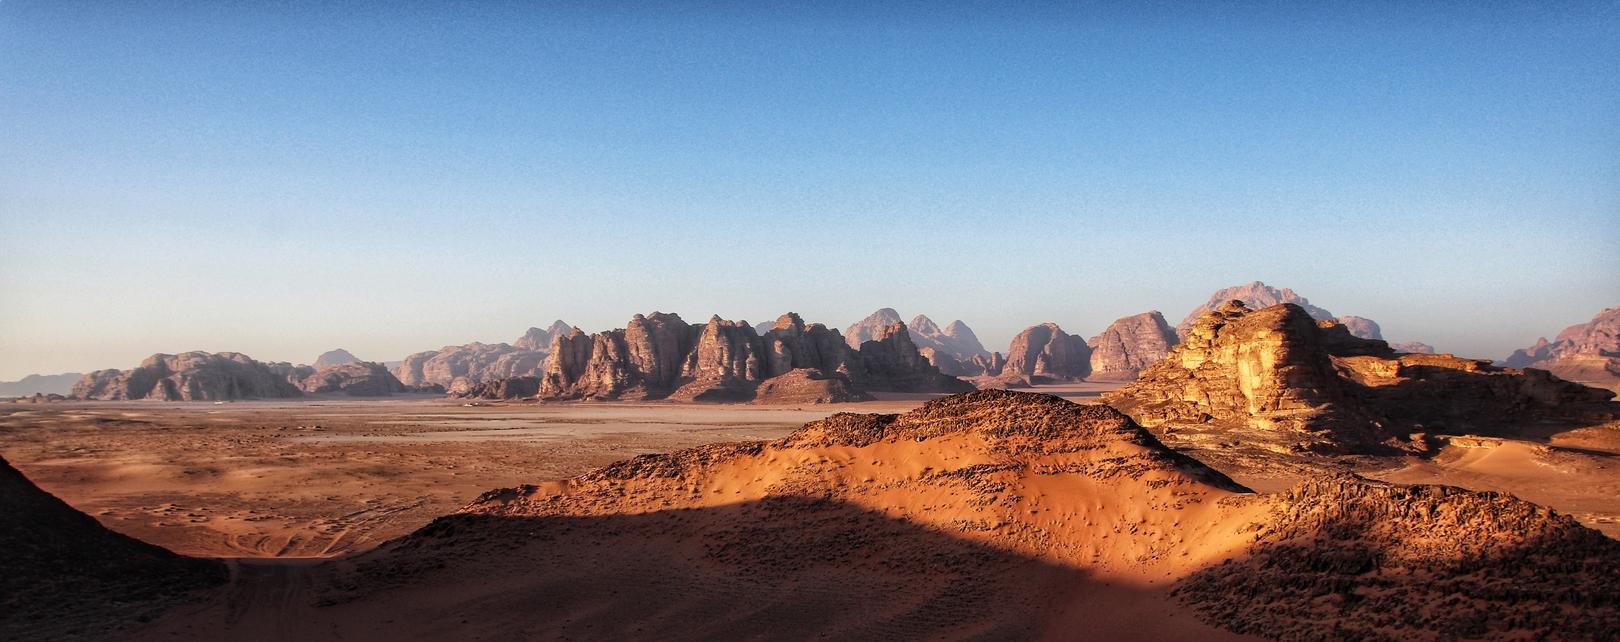 Jordanie - Lever de soleil dans le désert de Wadi Rum vu du ciel